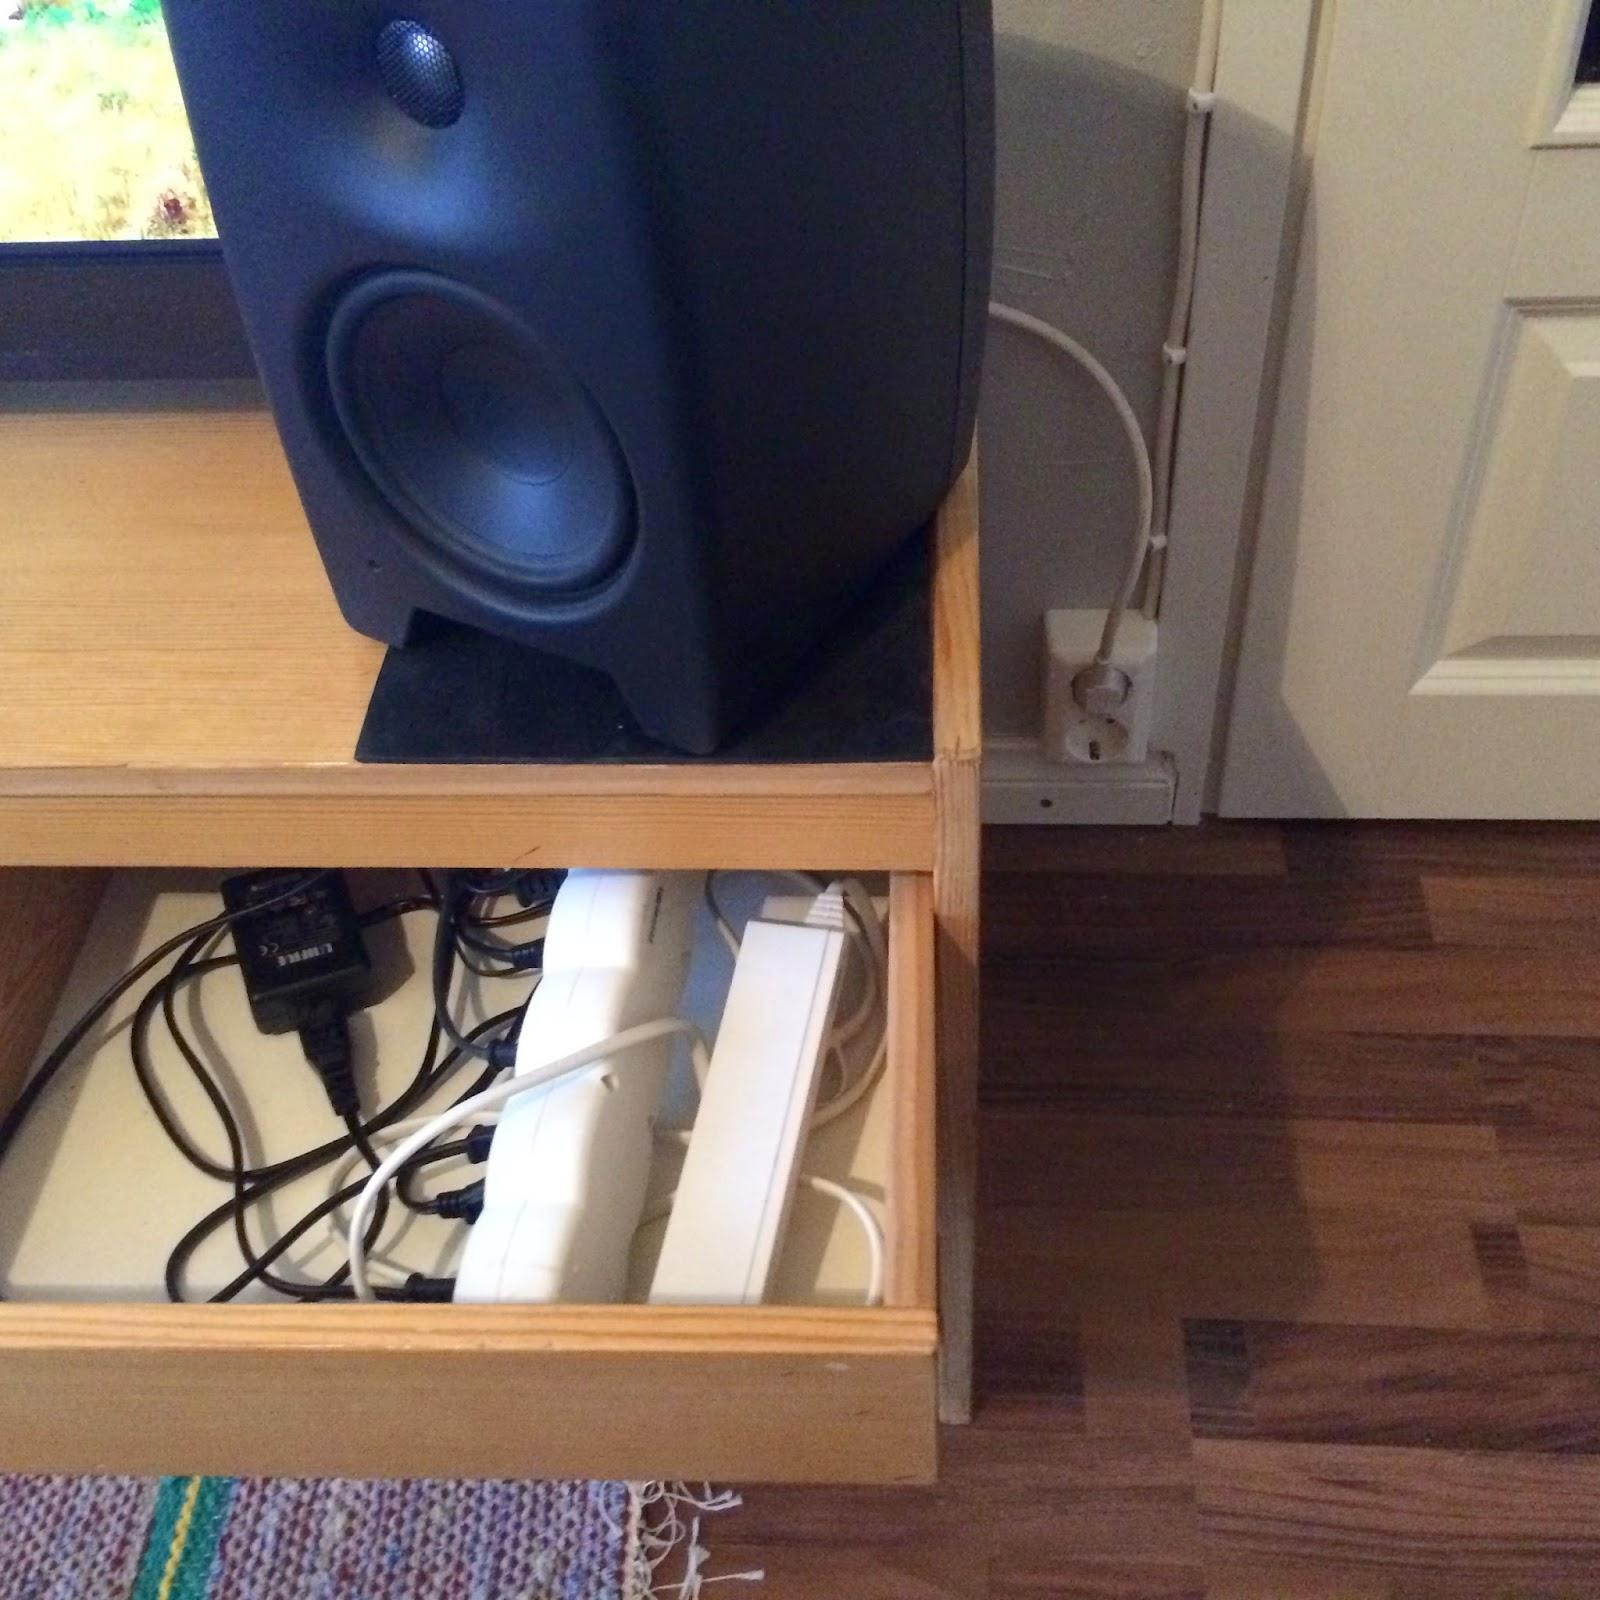 tv-taso, töpseli ja jatkojohdot laatikossa